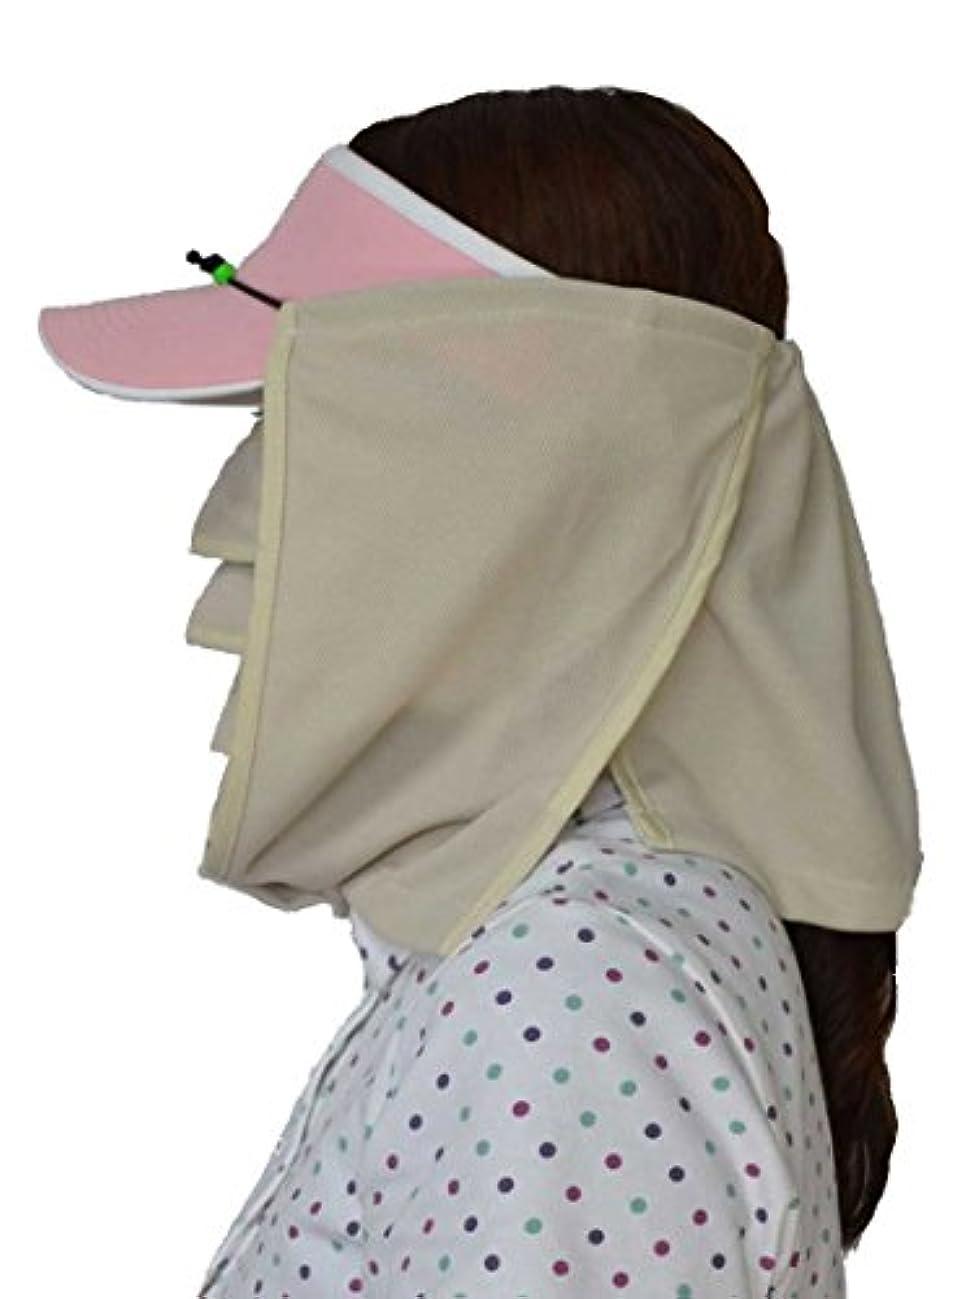 紳士気取りの、きざな現代はげUVマスク?マモルーノ?とUV帽子カバー?スズシーノ?のセット(ベージュ)【太陽からの直射光や照り返し.散乱光の紫外線対策や熱射病、熱中症対策に最適の組合せです.】